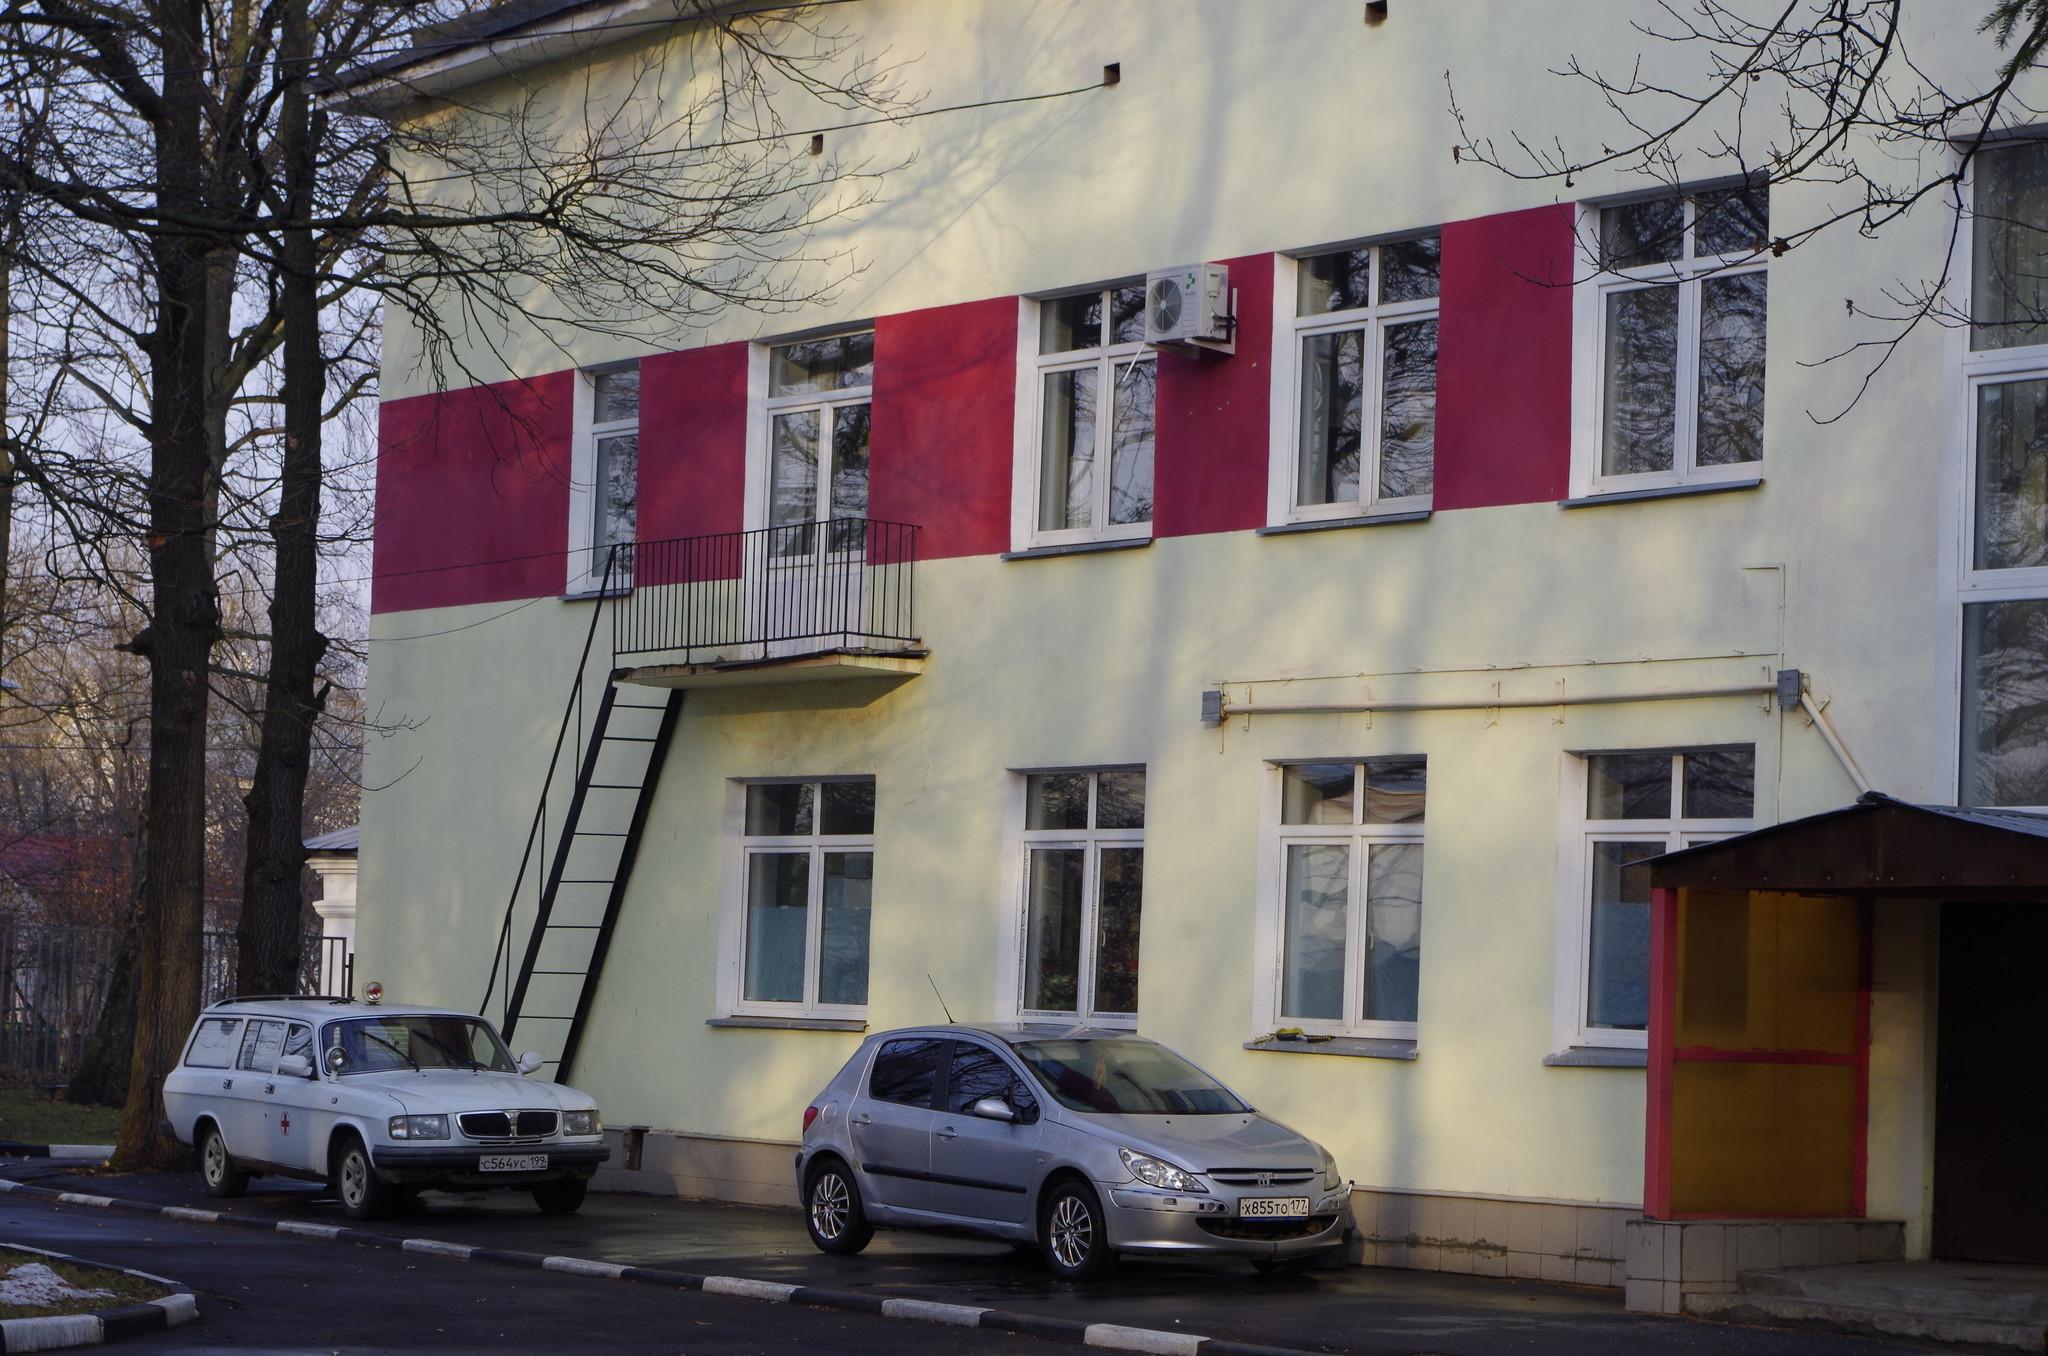 Городская клиническая больница № 43 (г. Москва, пос. Северный, улица 1-я линия, дом 27)